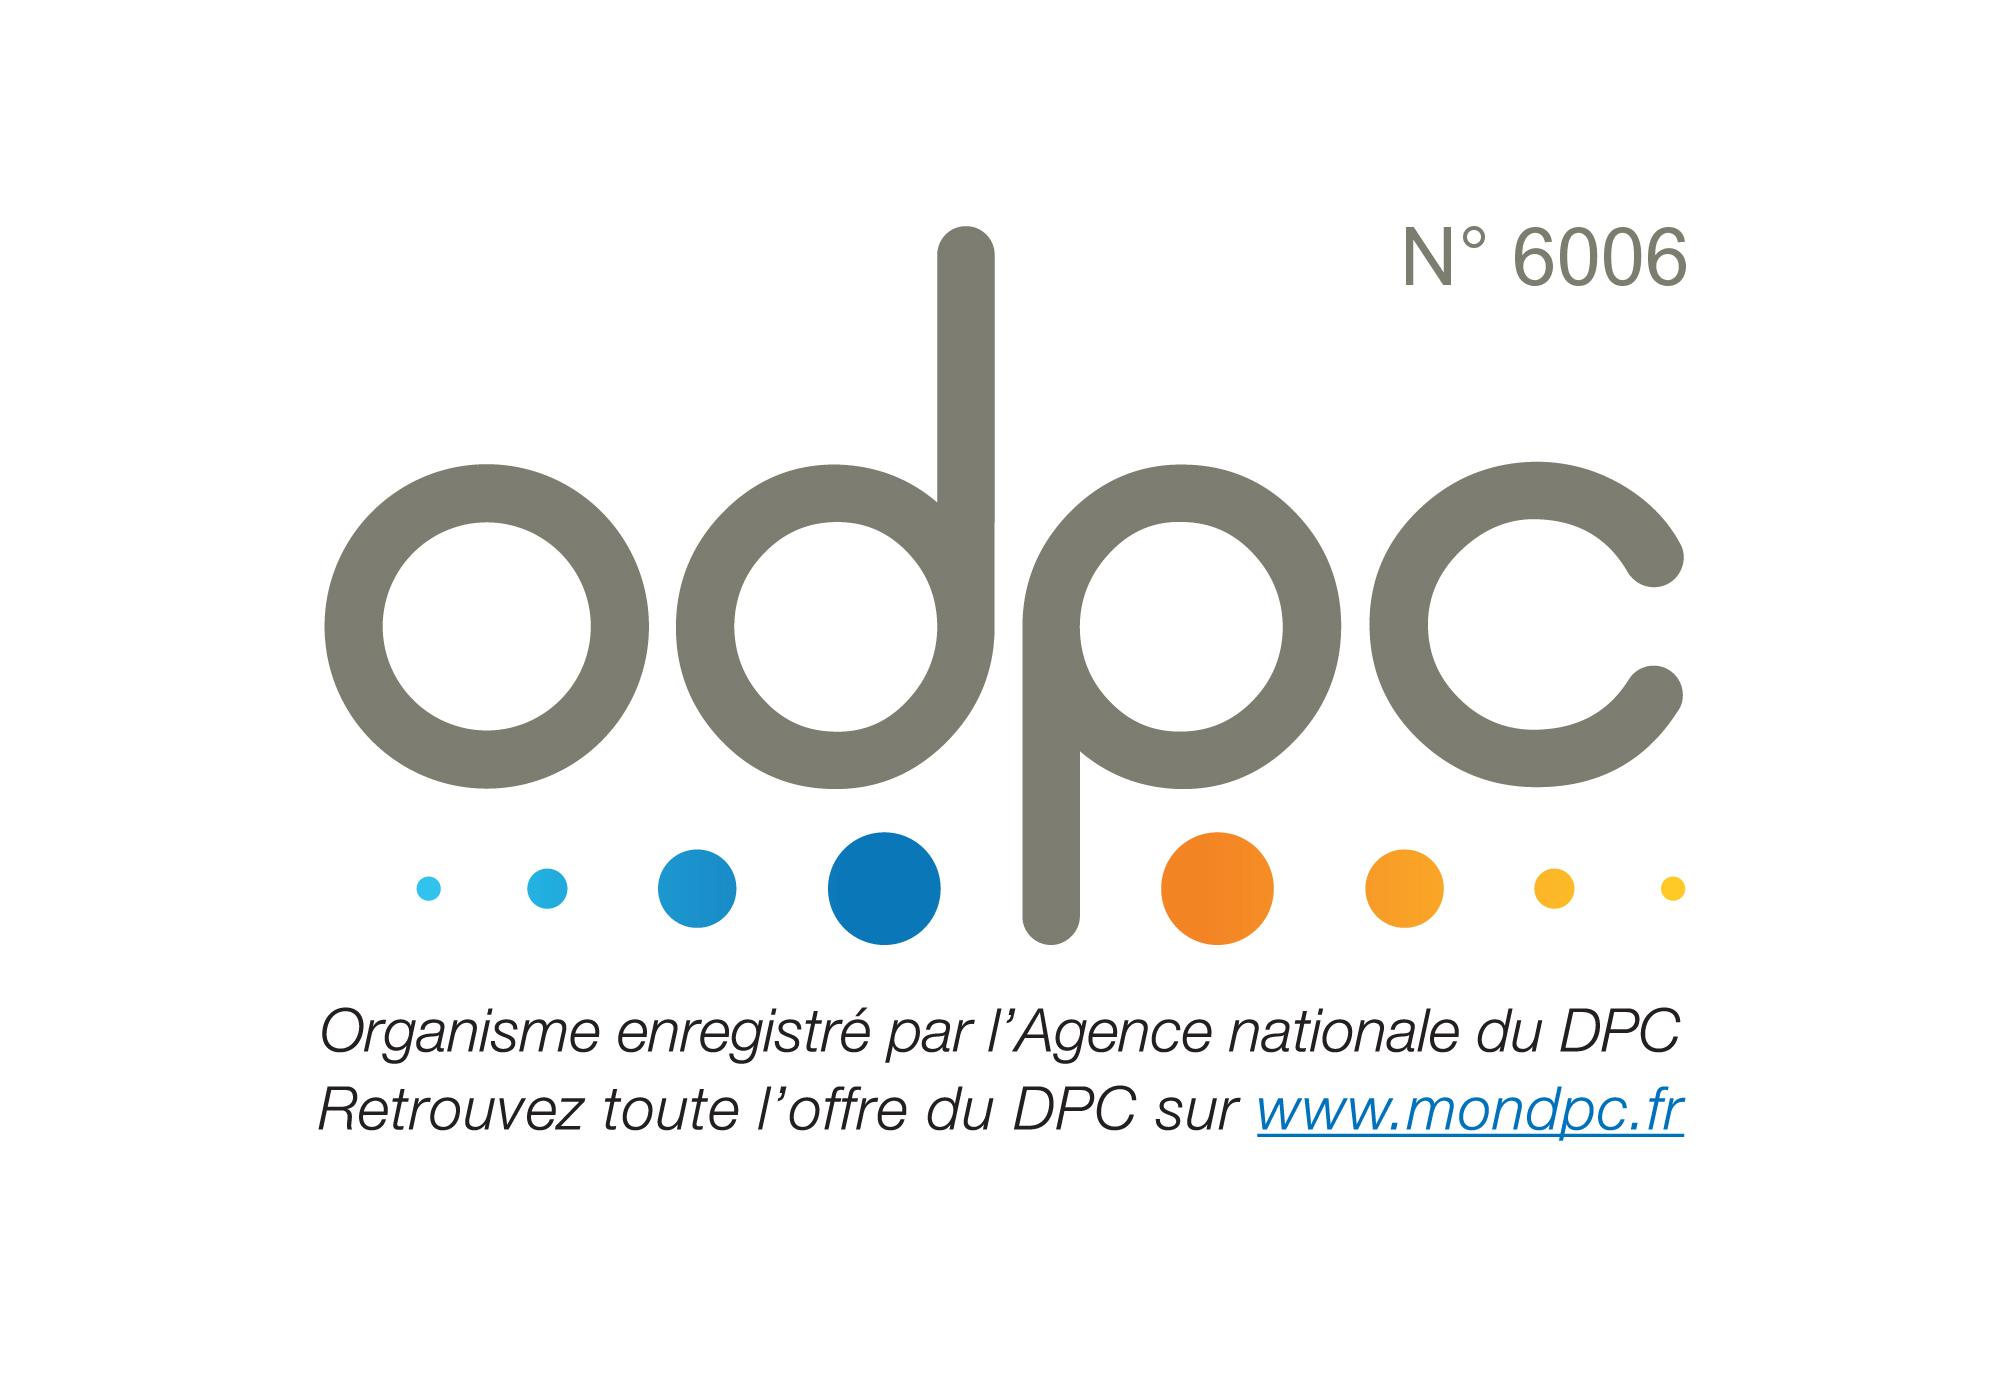 Organisme enregitrsé par l'Agence nationale de DPC